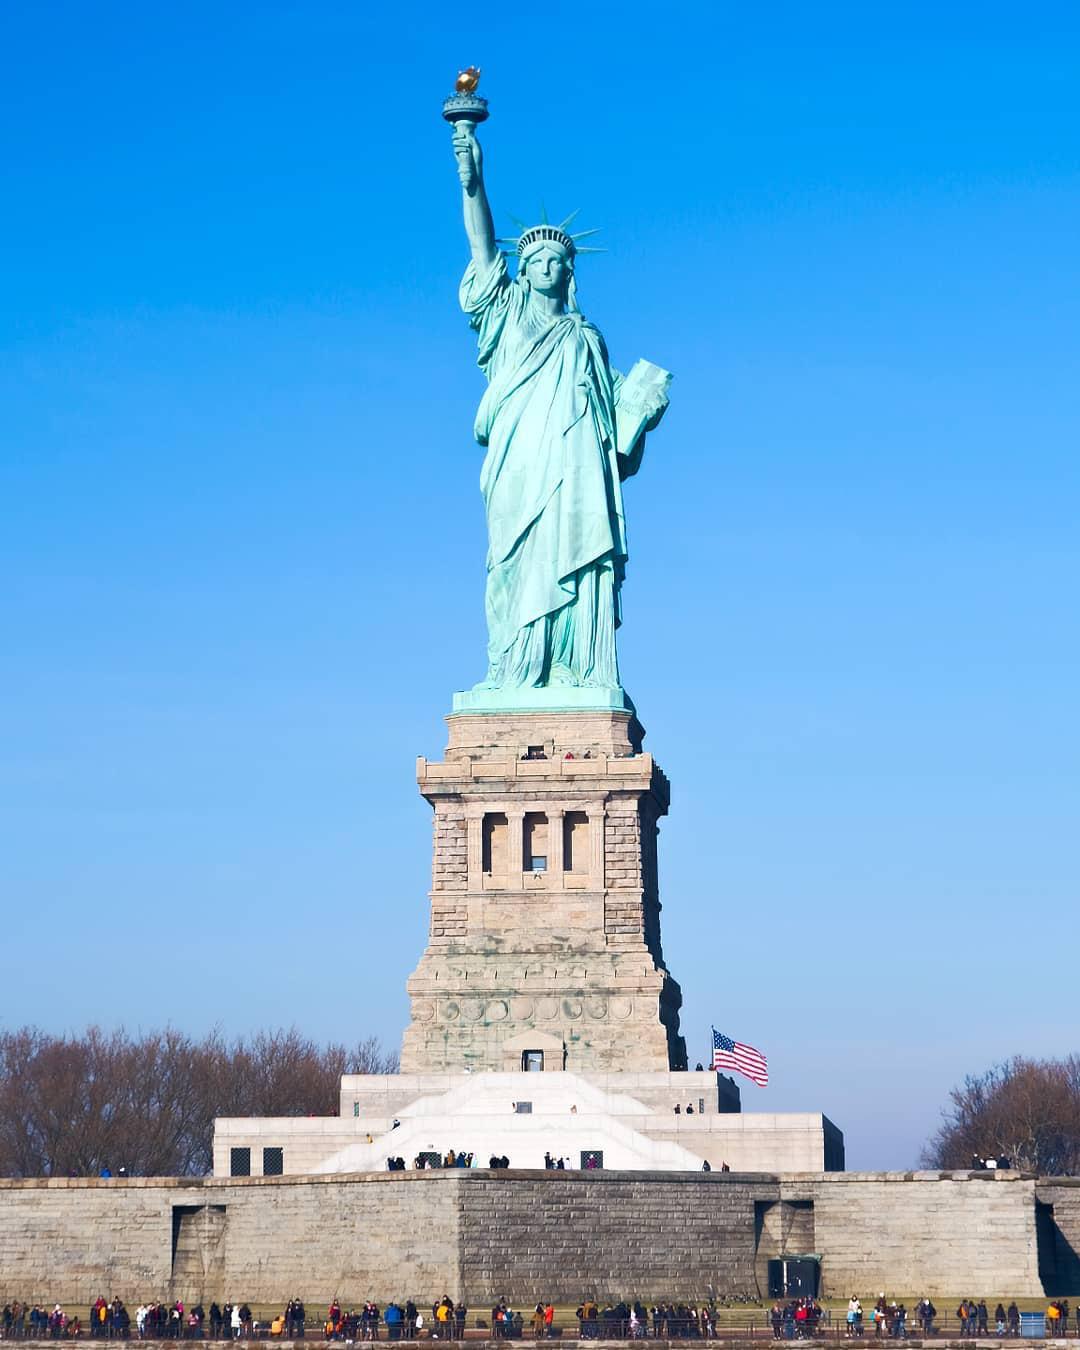 Hình ảnh tượng nữ thần tự do tuyệt đẹp ở Mỹ